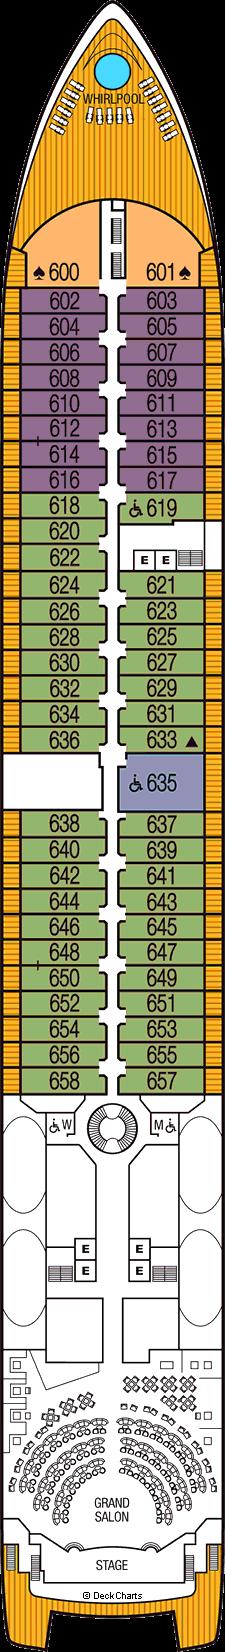 Seabourn Sojourn: Deck 6